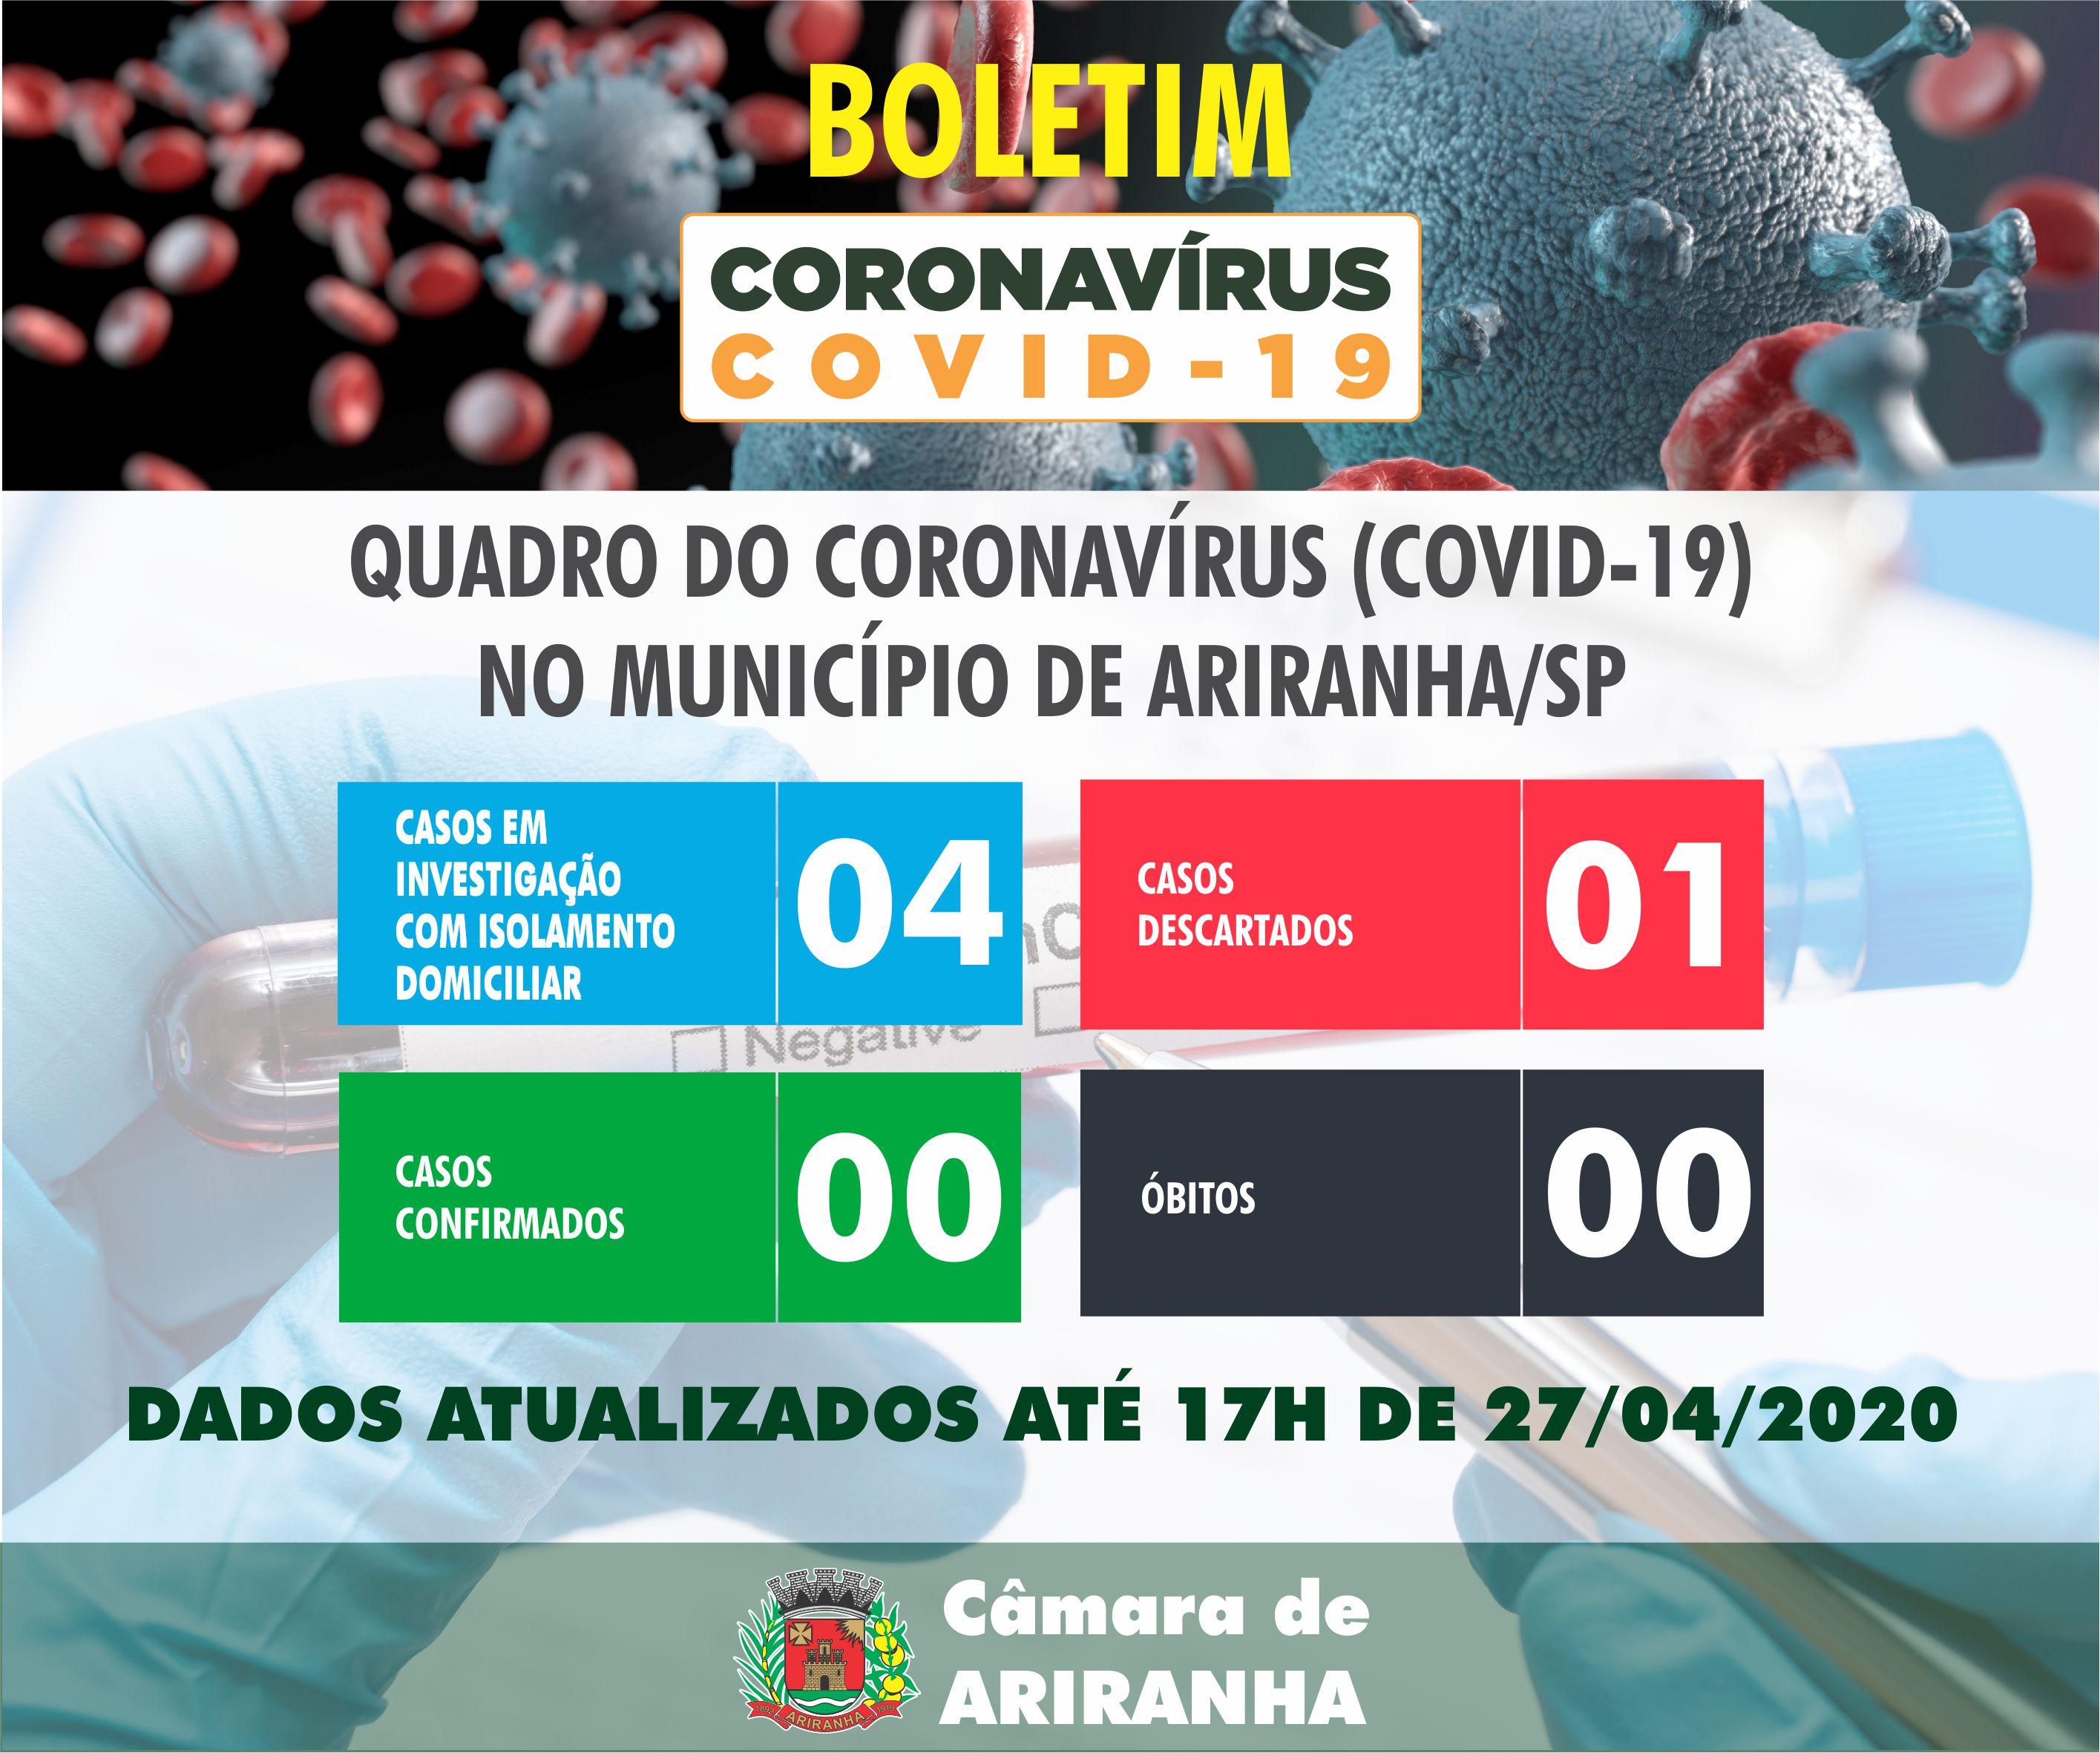 Boletim diário Corona Vírus (COVID-19) – 27/04/2020